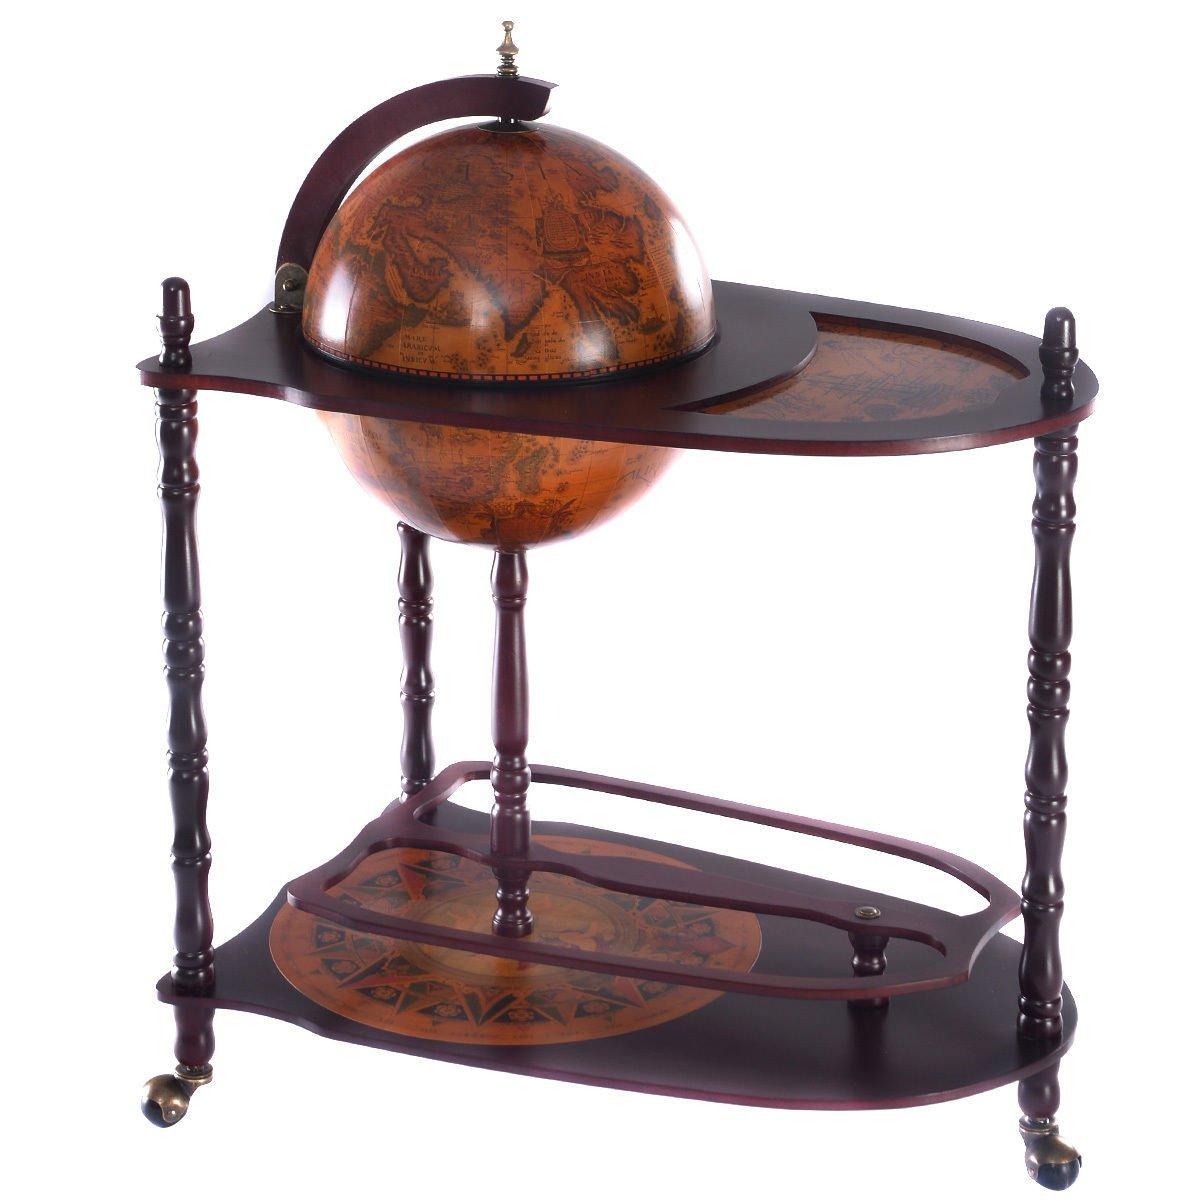 Goplus 34 Wood Globe Wine Bar Stand 16th Century Italian Rack Bigger Shelf for More Liquor Bottle